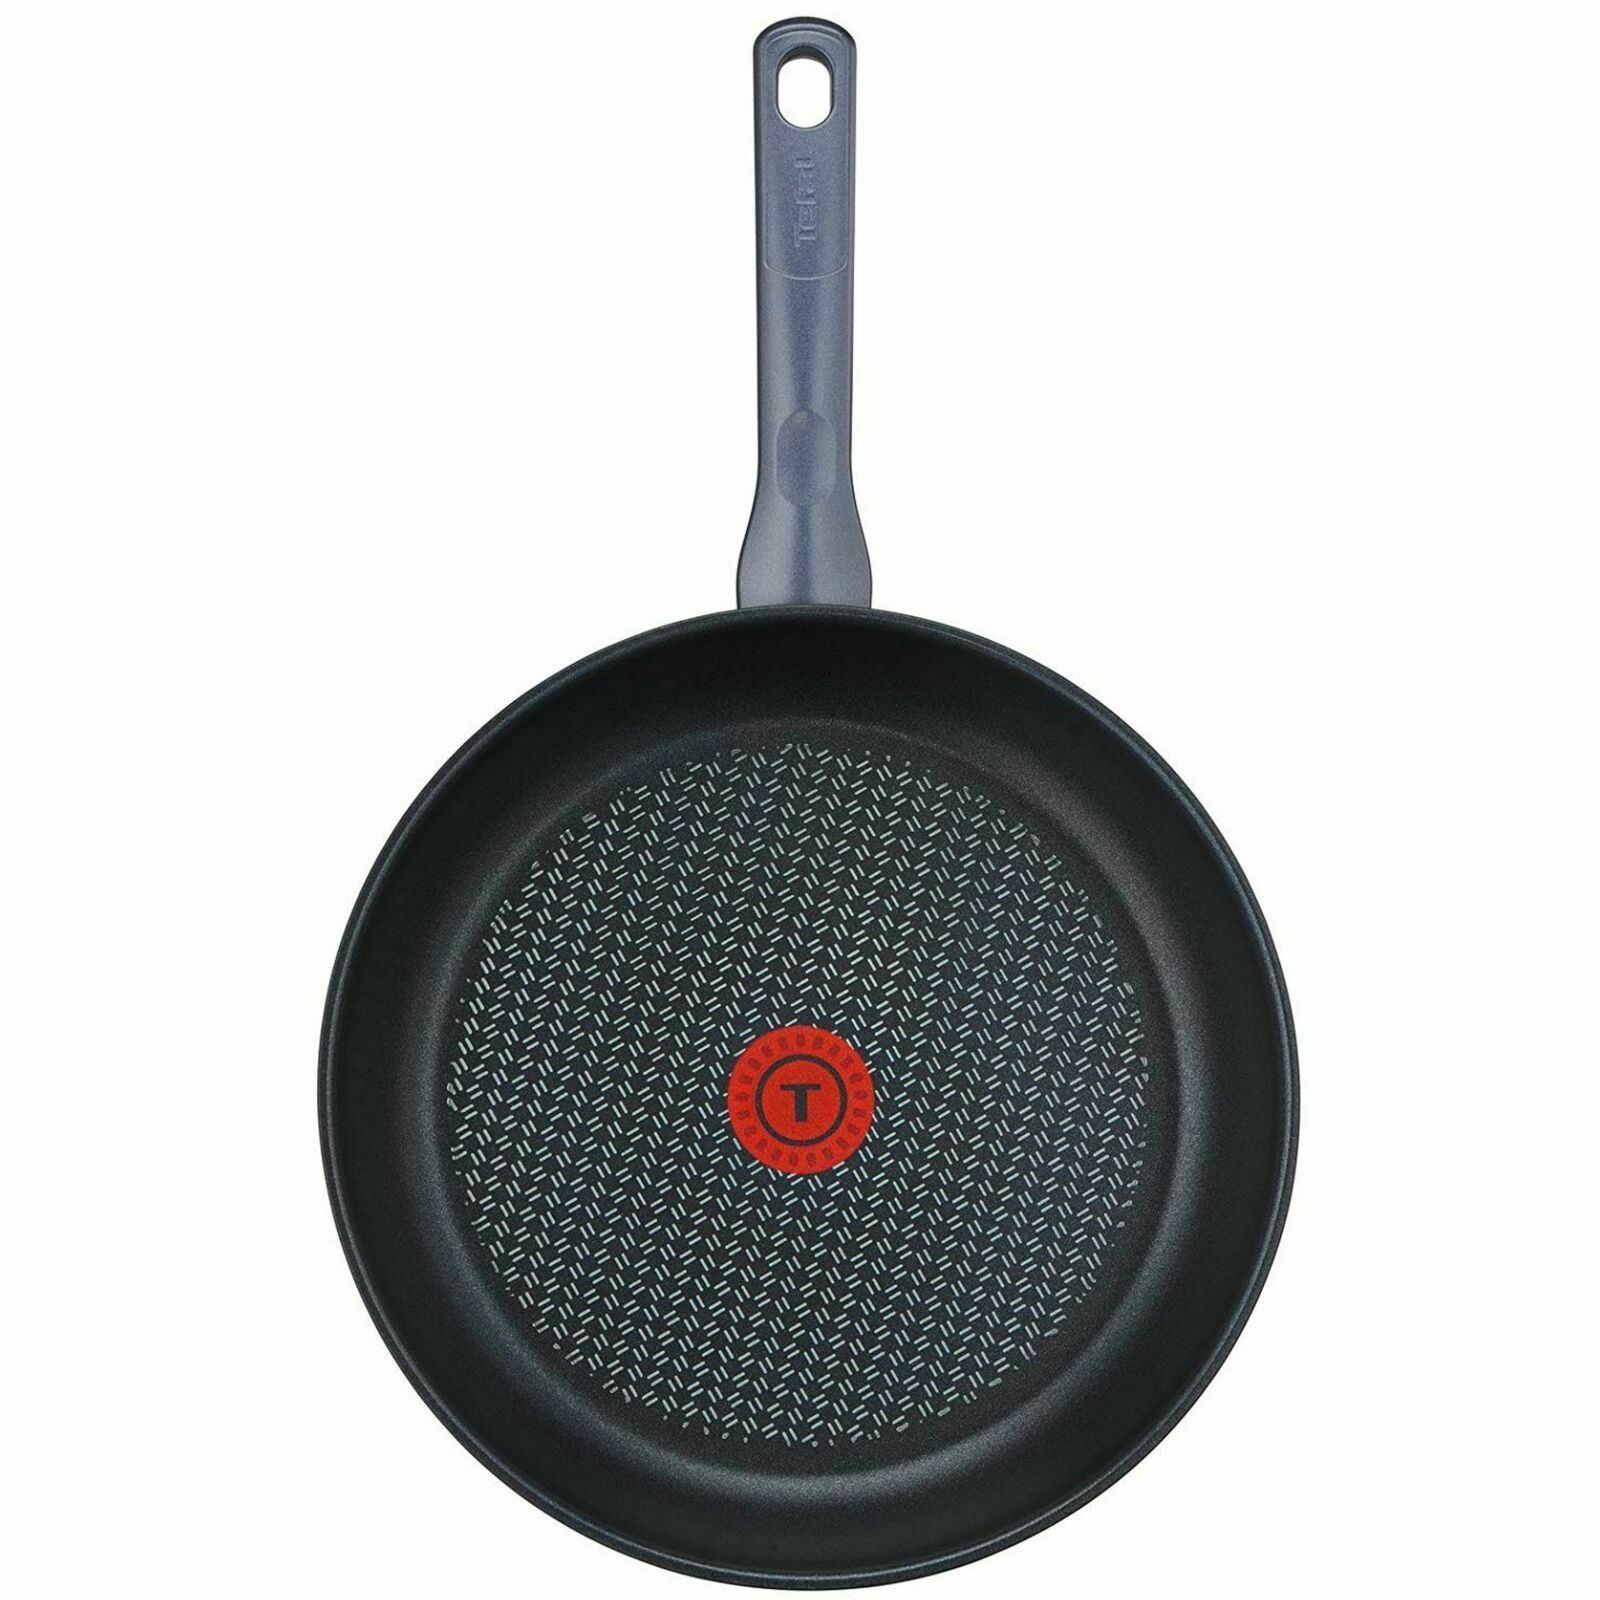 Morphy Richards 4 PC Induction Noir Casserole Pan Pot Set Poêle à frire ustensiles de cuisine